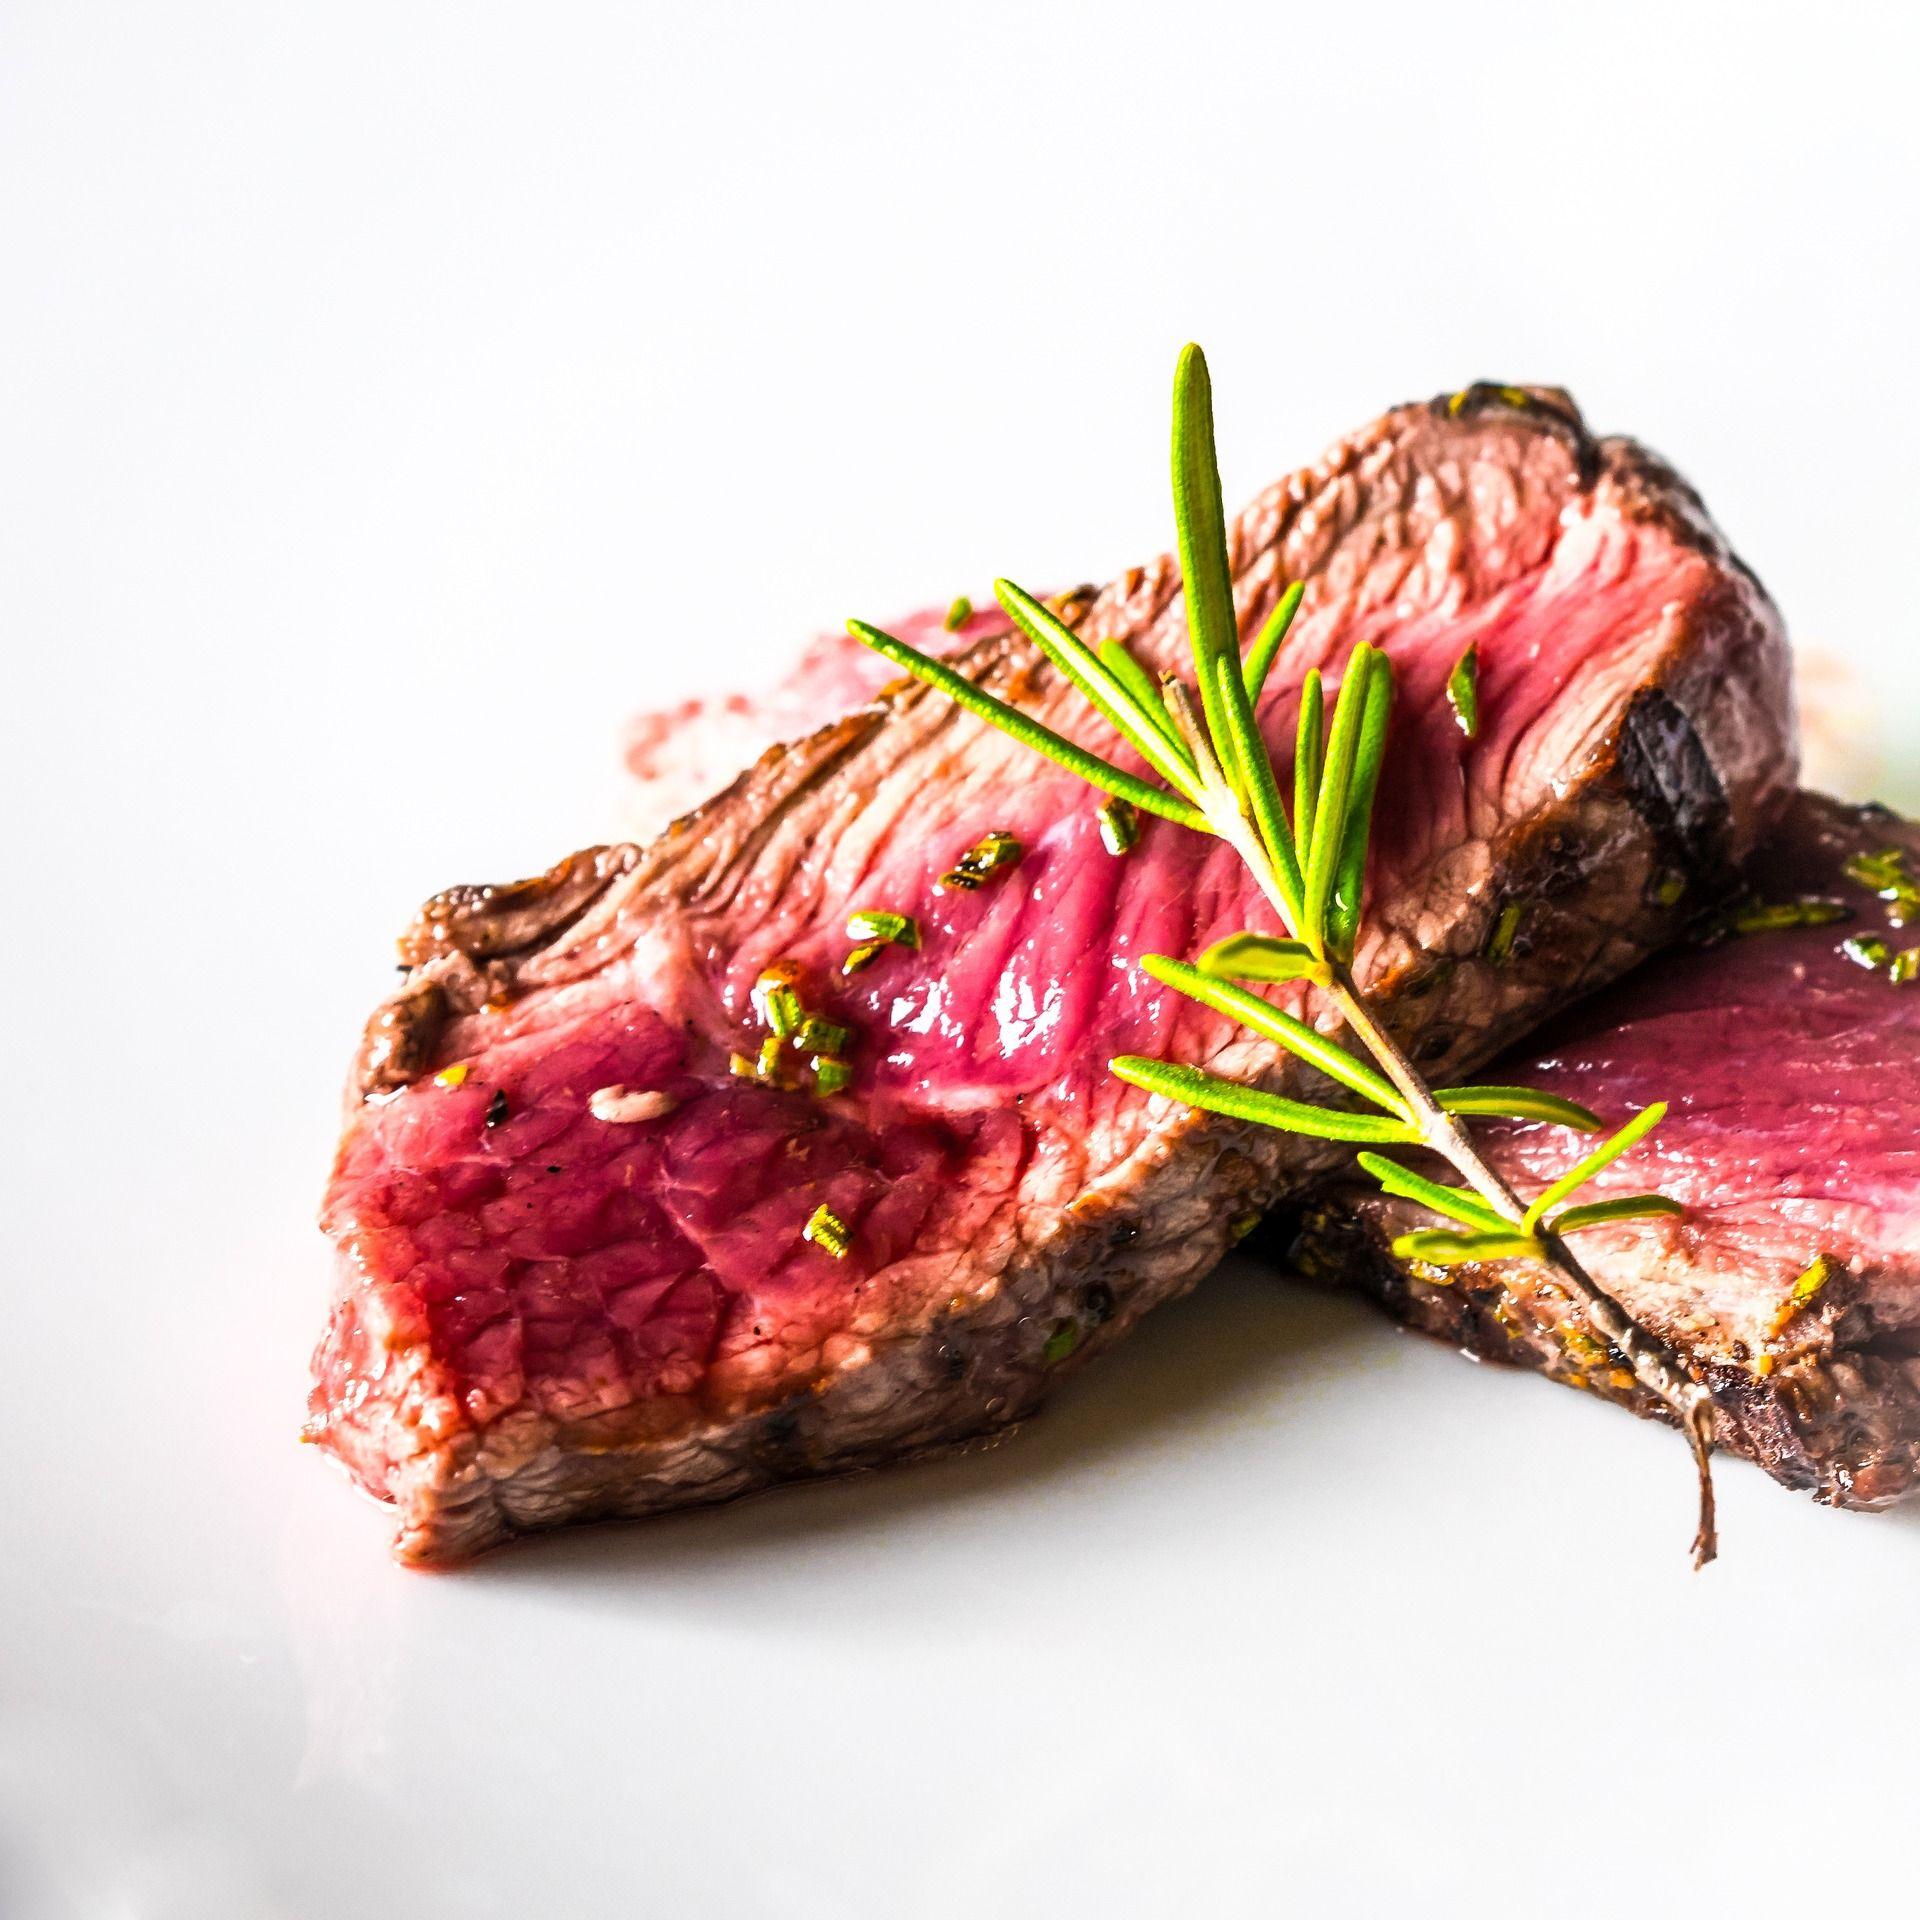 Carne al estilo tradicional italiana en Palma de Mallorca